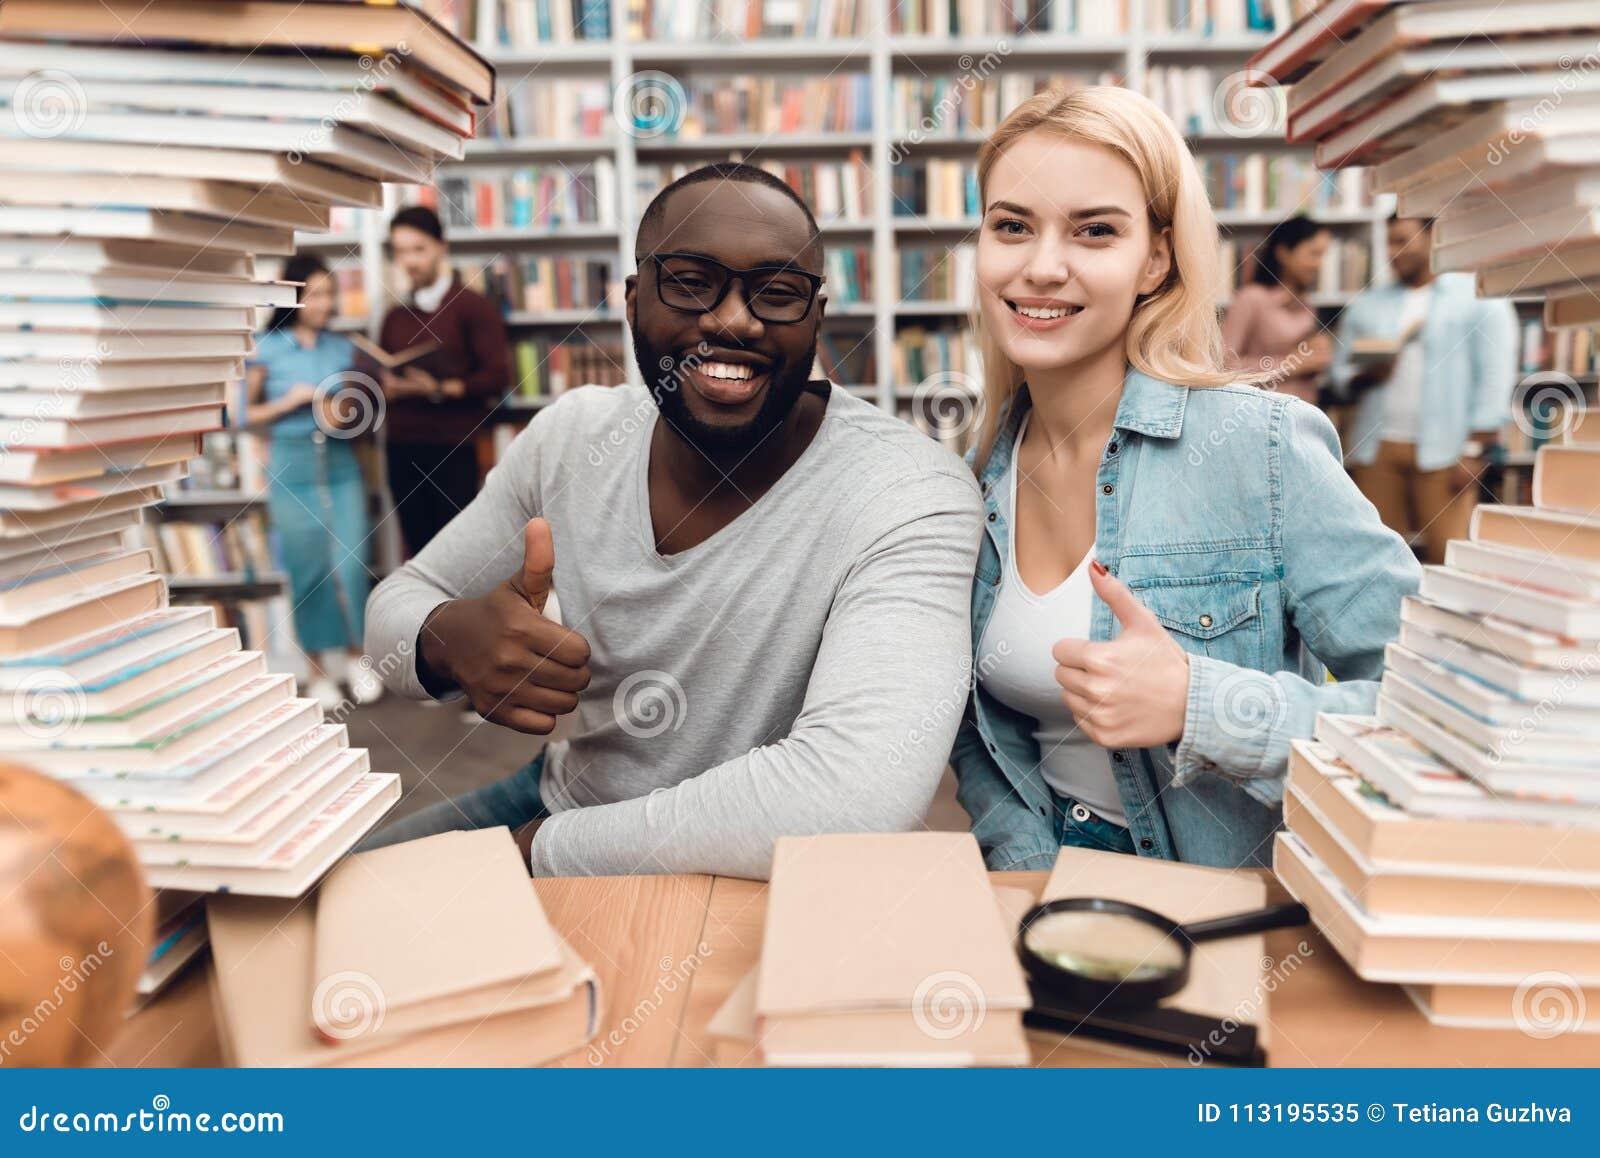 Ethnischer Afroamerikanerkerl und weißes Mädchen umgeben durch Bücher in der Bibliothek Studenten geben Daumen auf